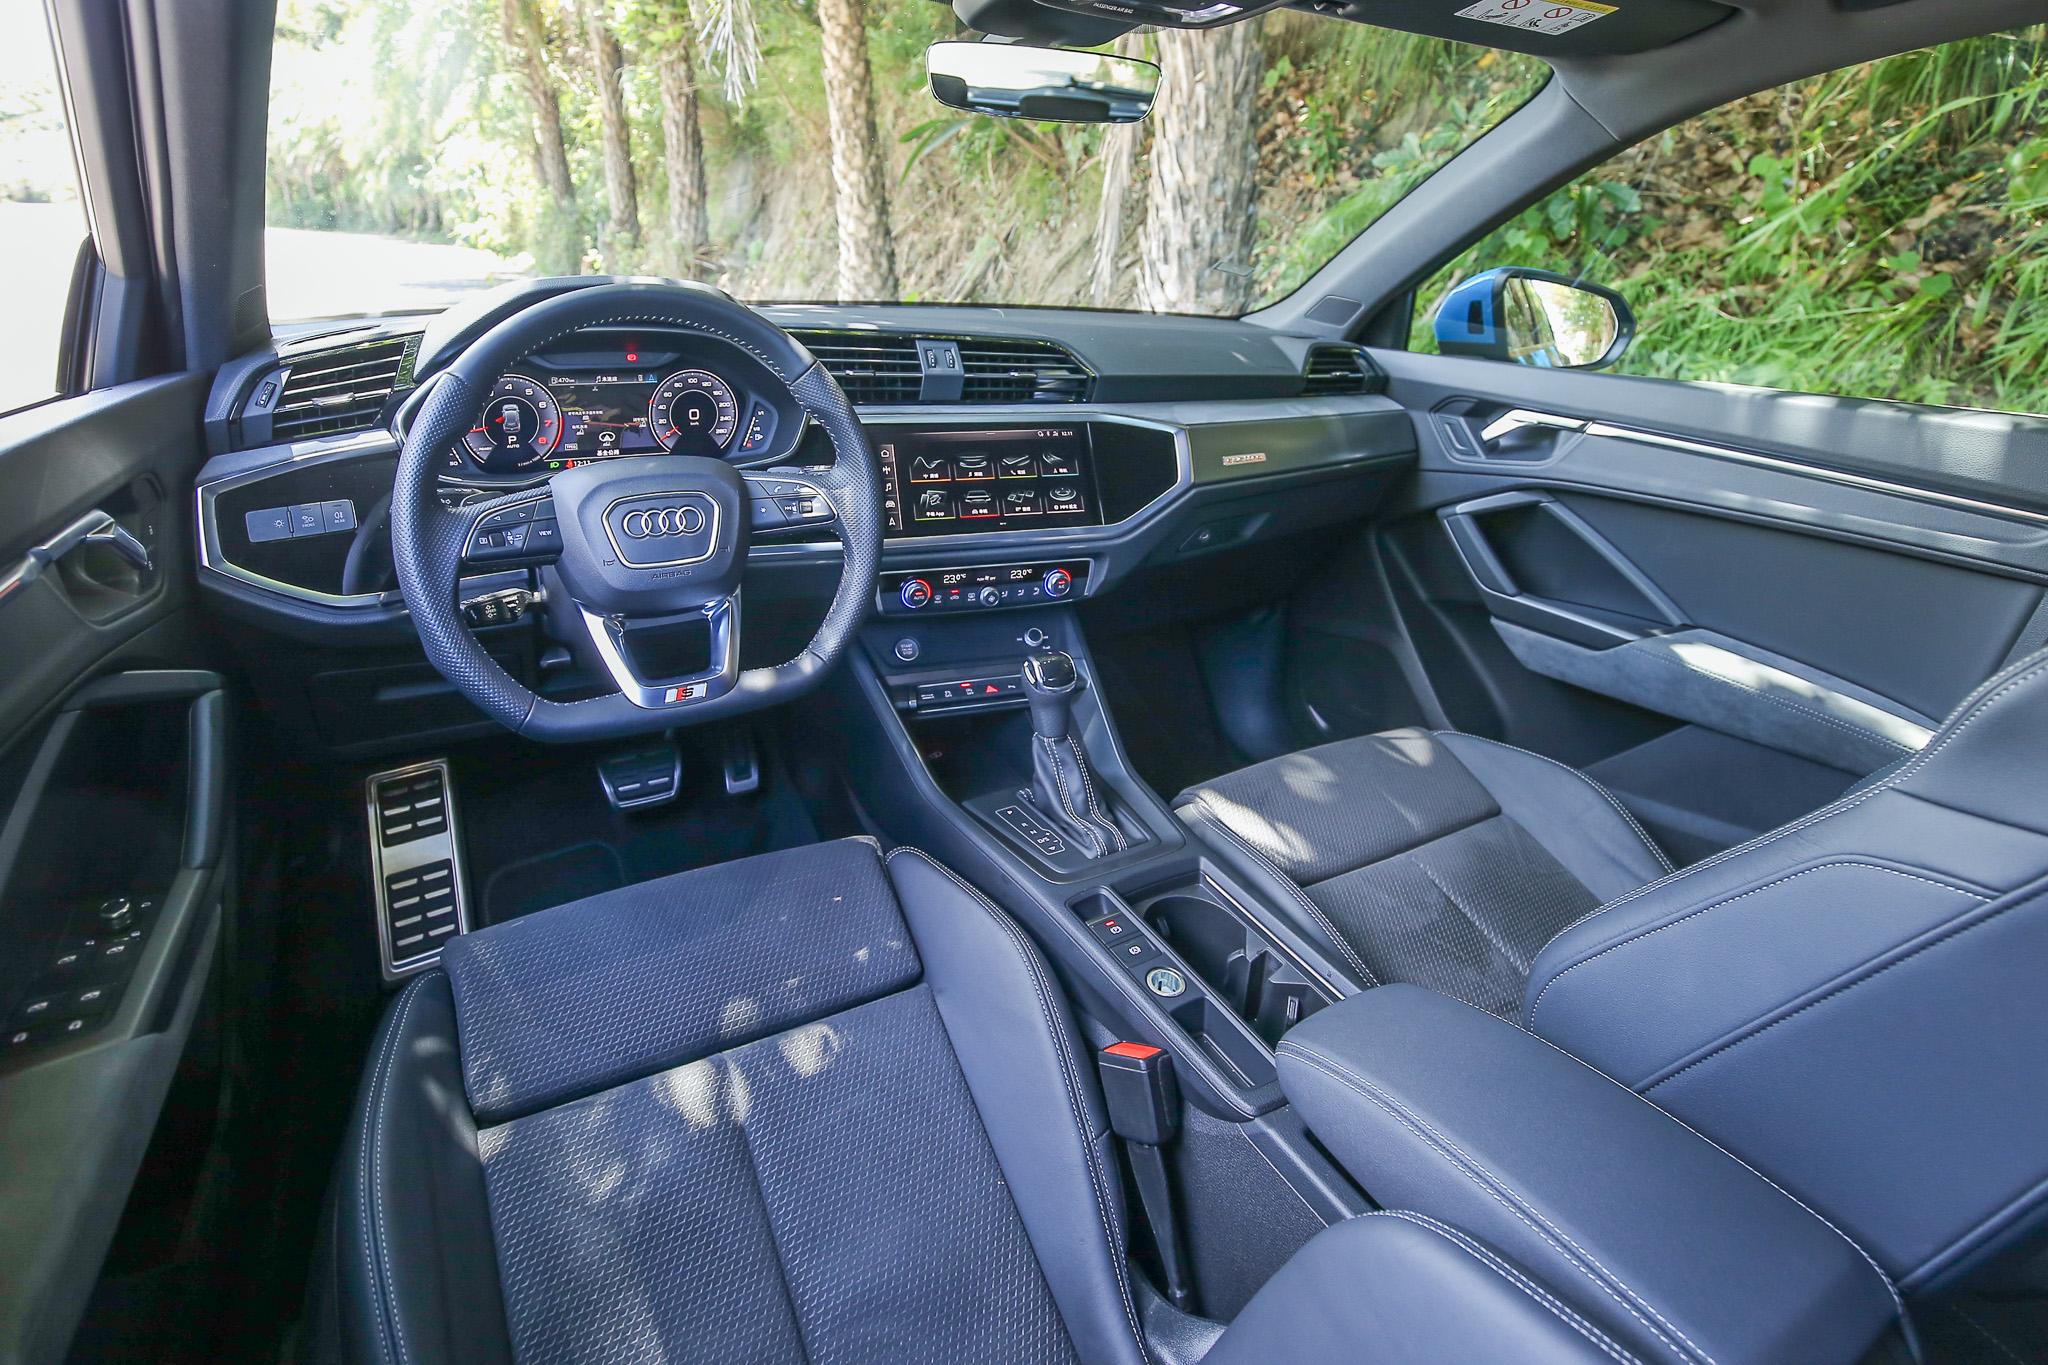 由於內裝選配 S line內裝套件與Virtual cockpit全數位虛擬駕駛座艙套件,科技感與質感更上層樓。